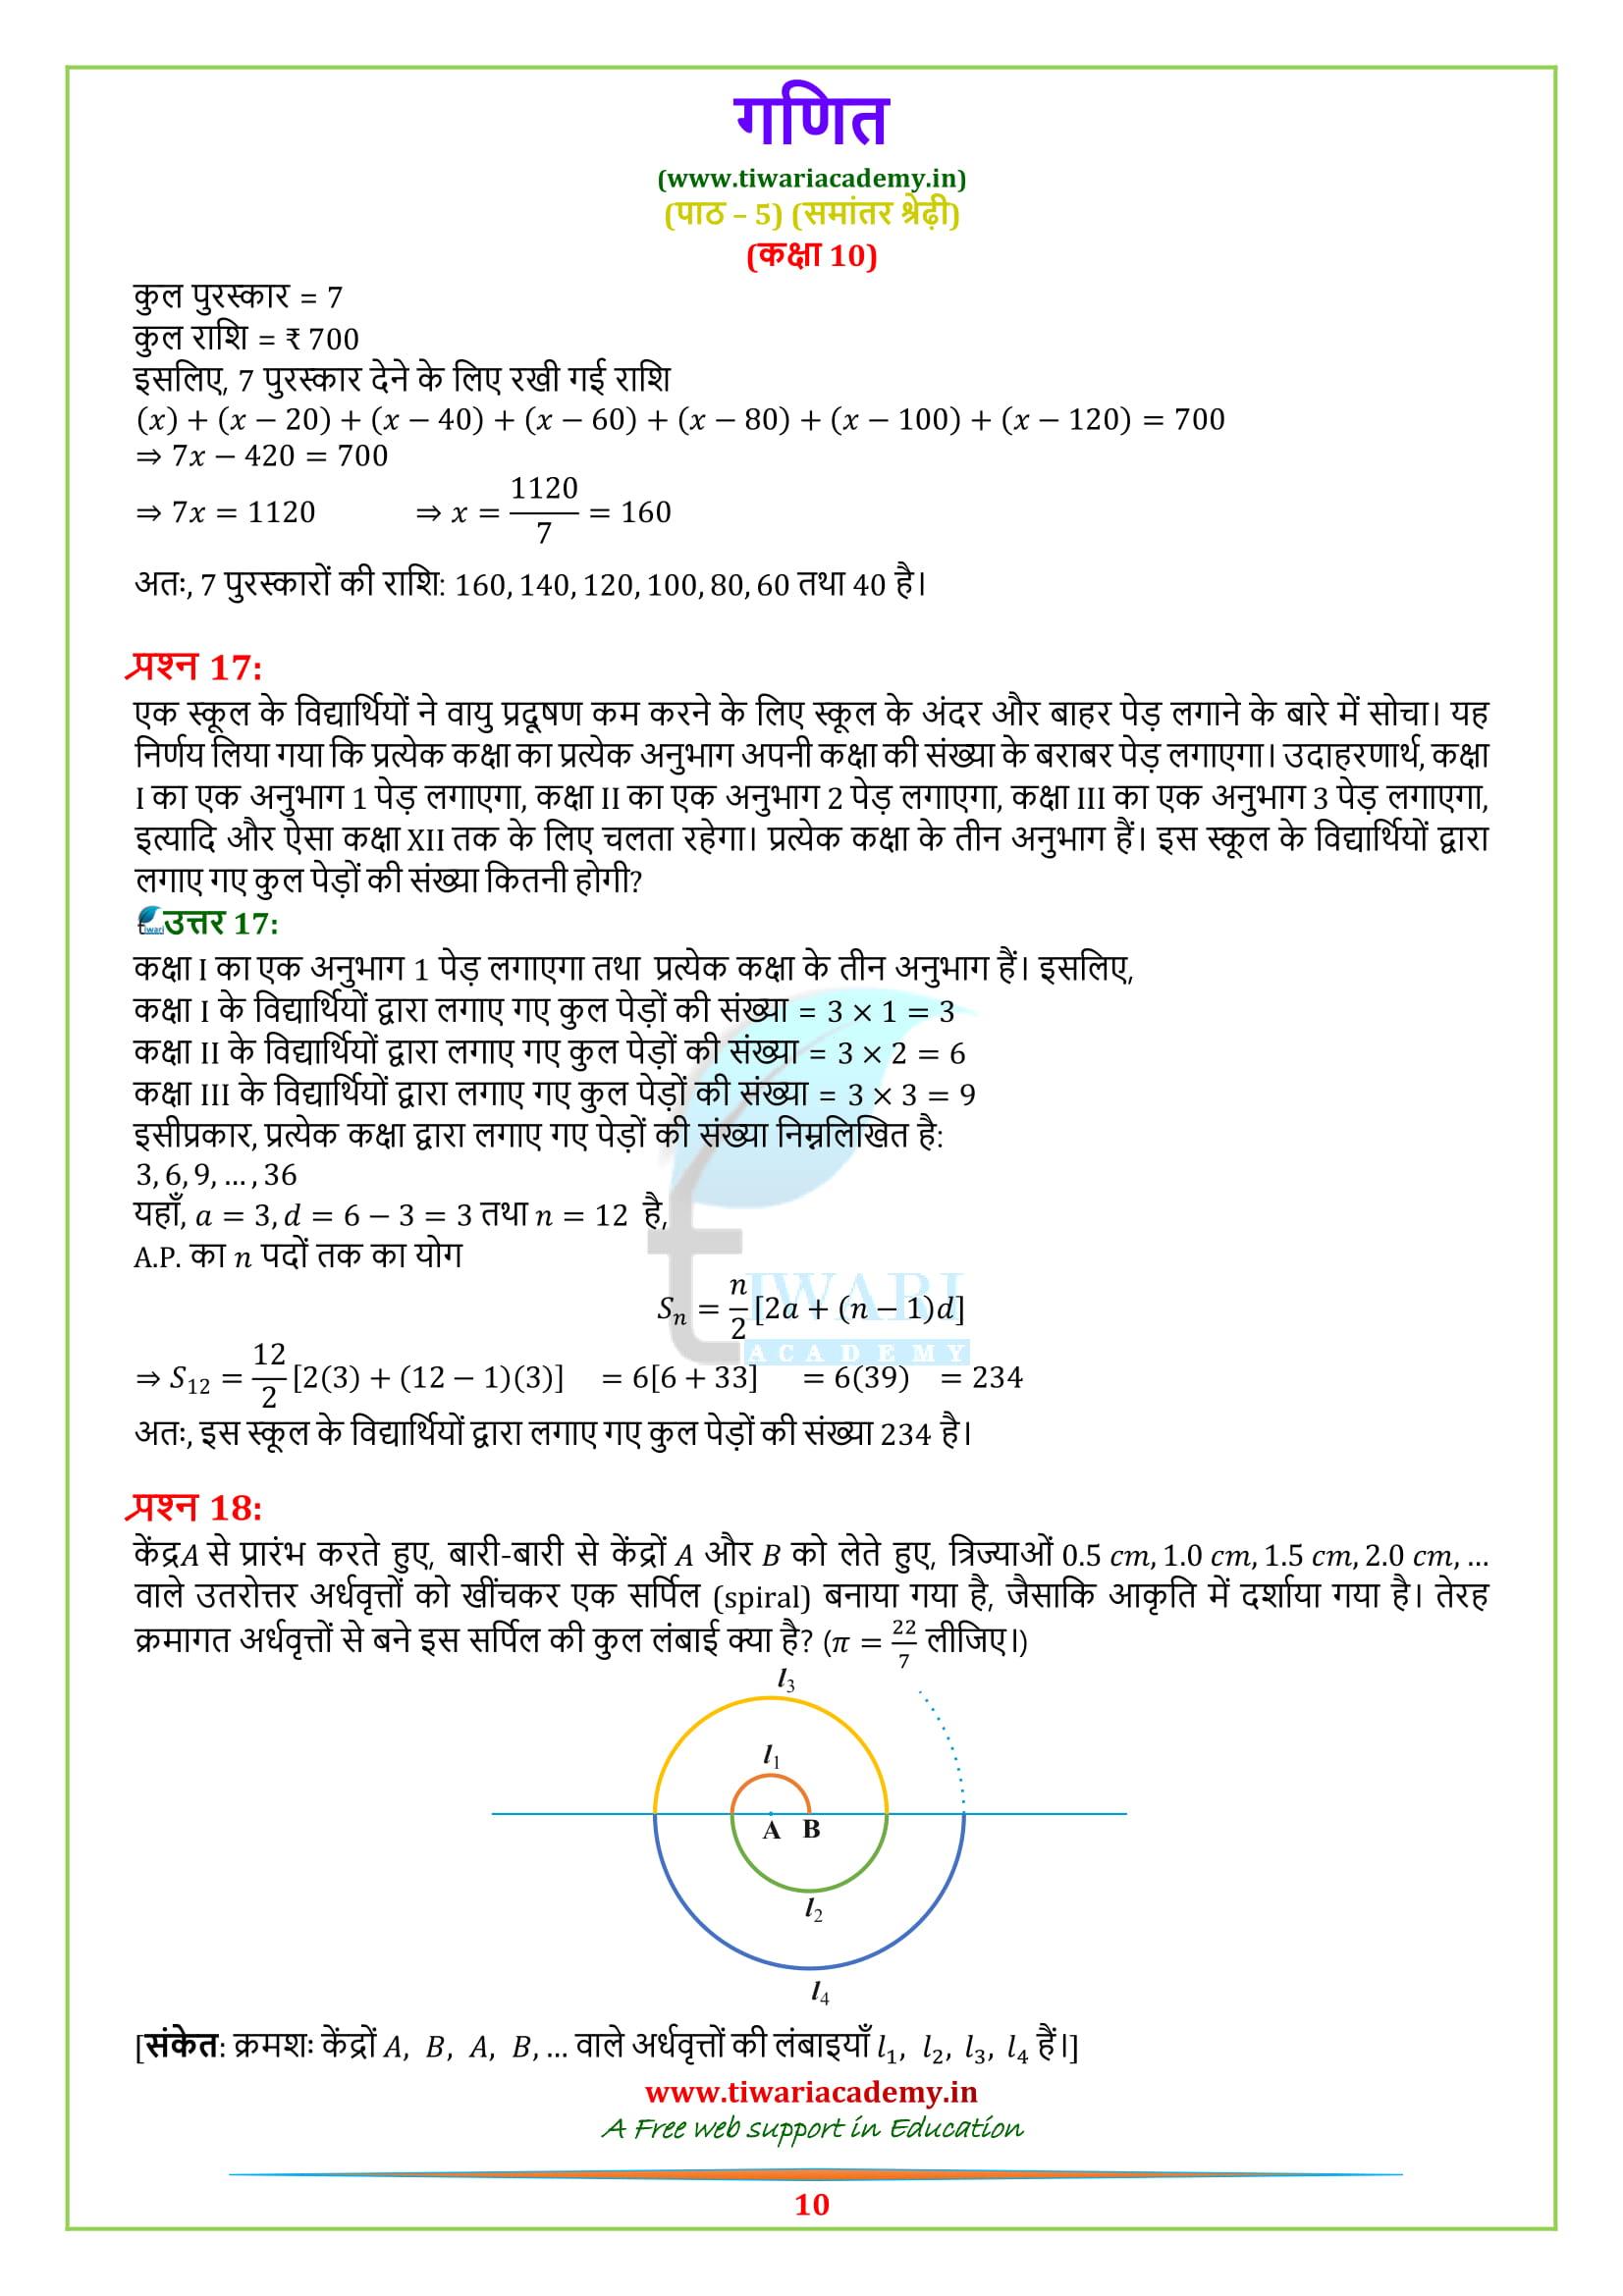 10 Maths Exercise 5.3 ke hal aur kunji